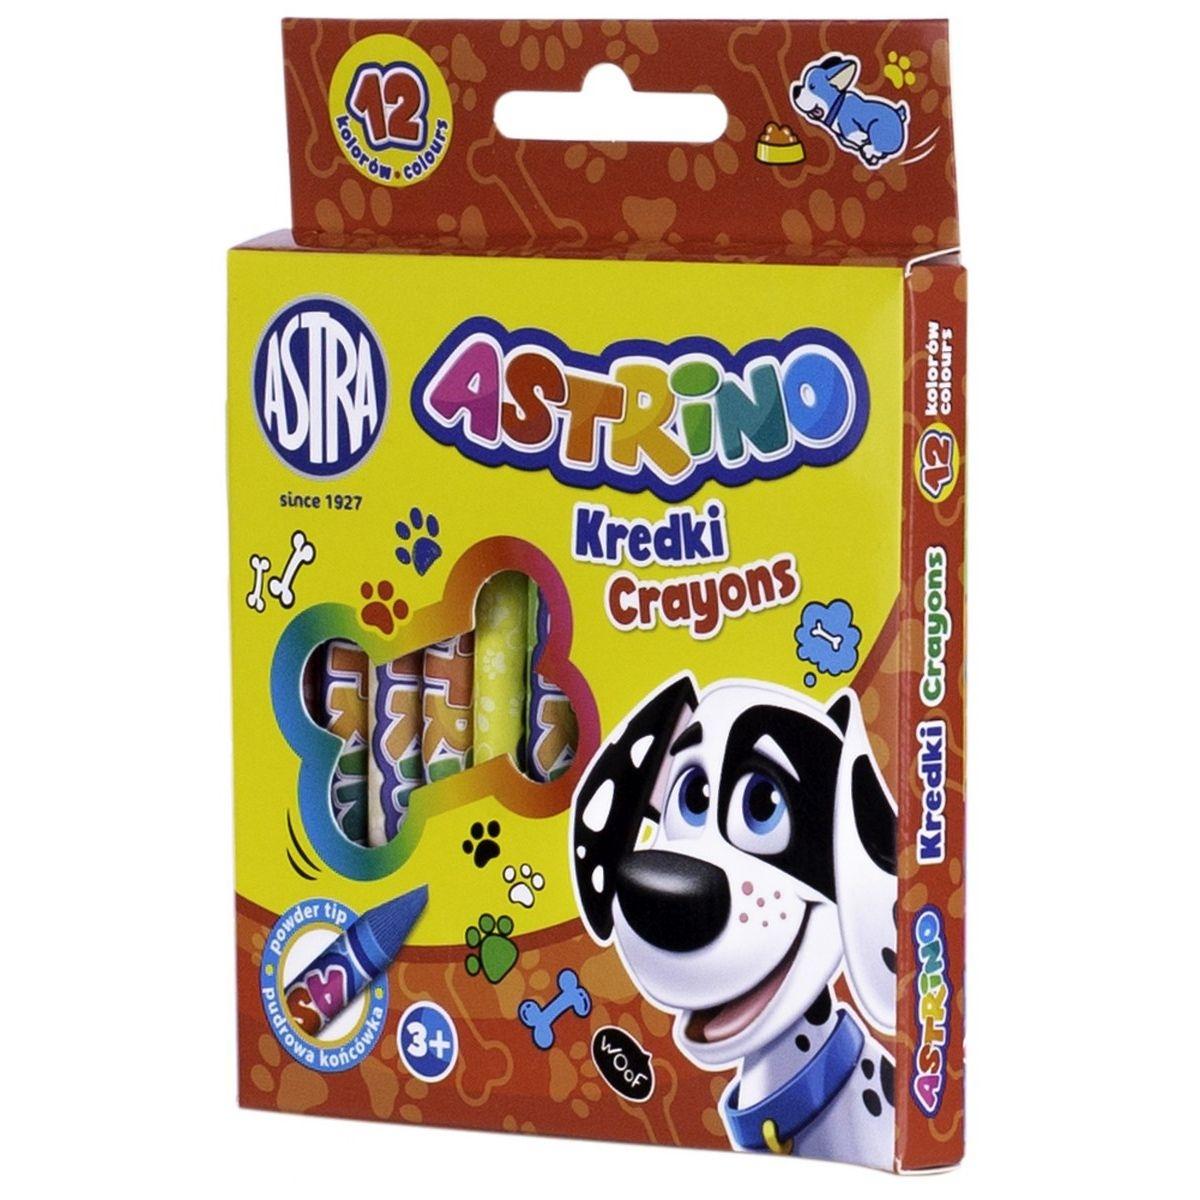 Kredki świecowe Astrino grafionowe, 12 kolorów (316121001)